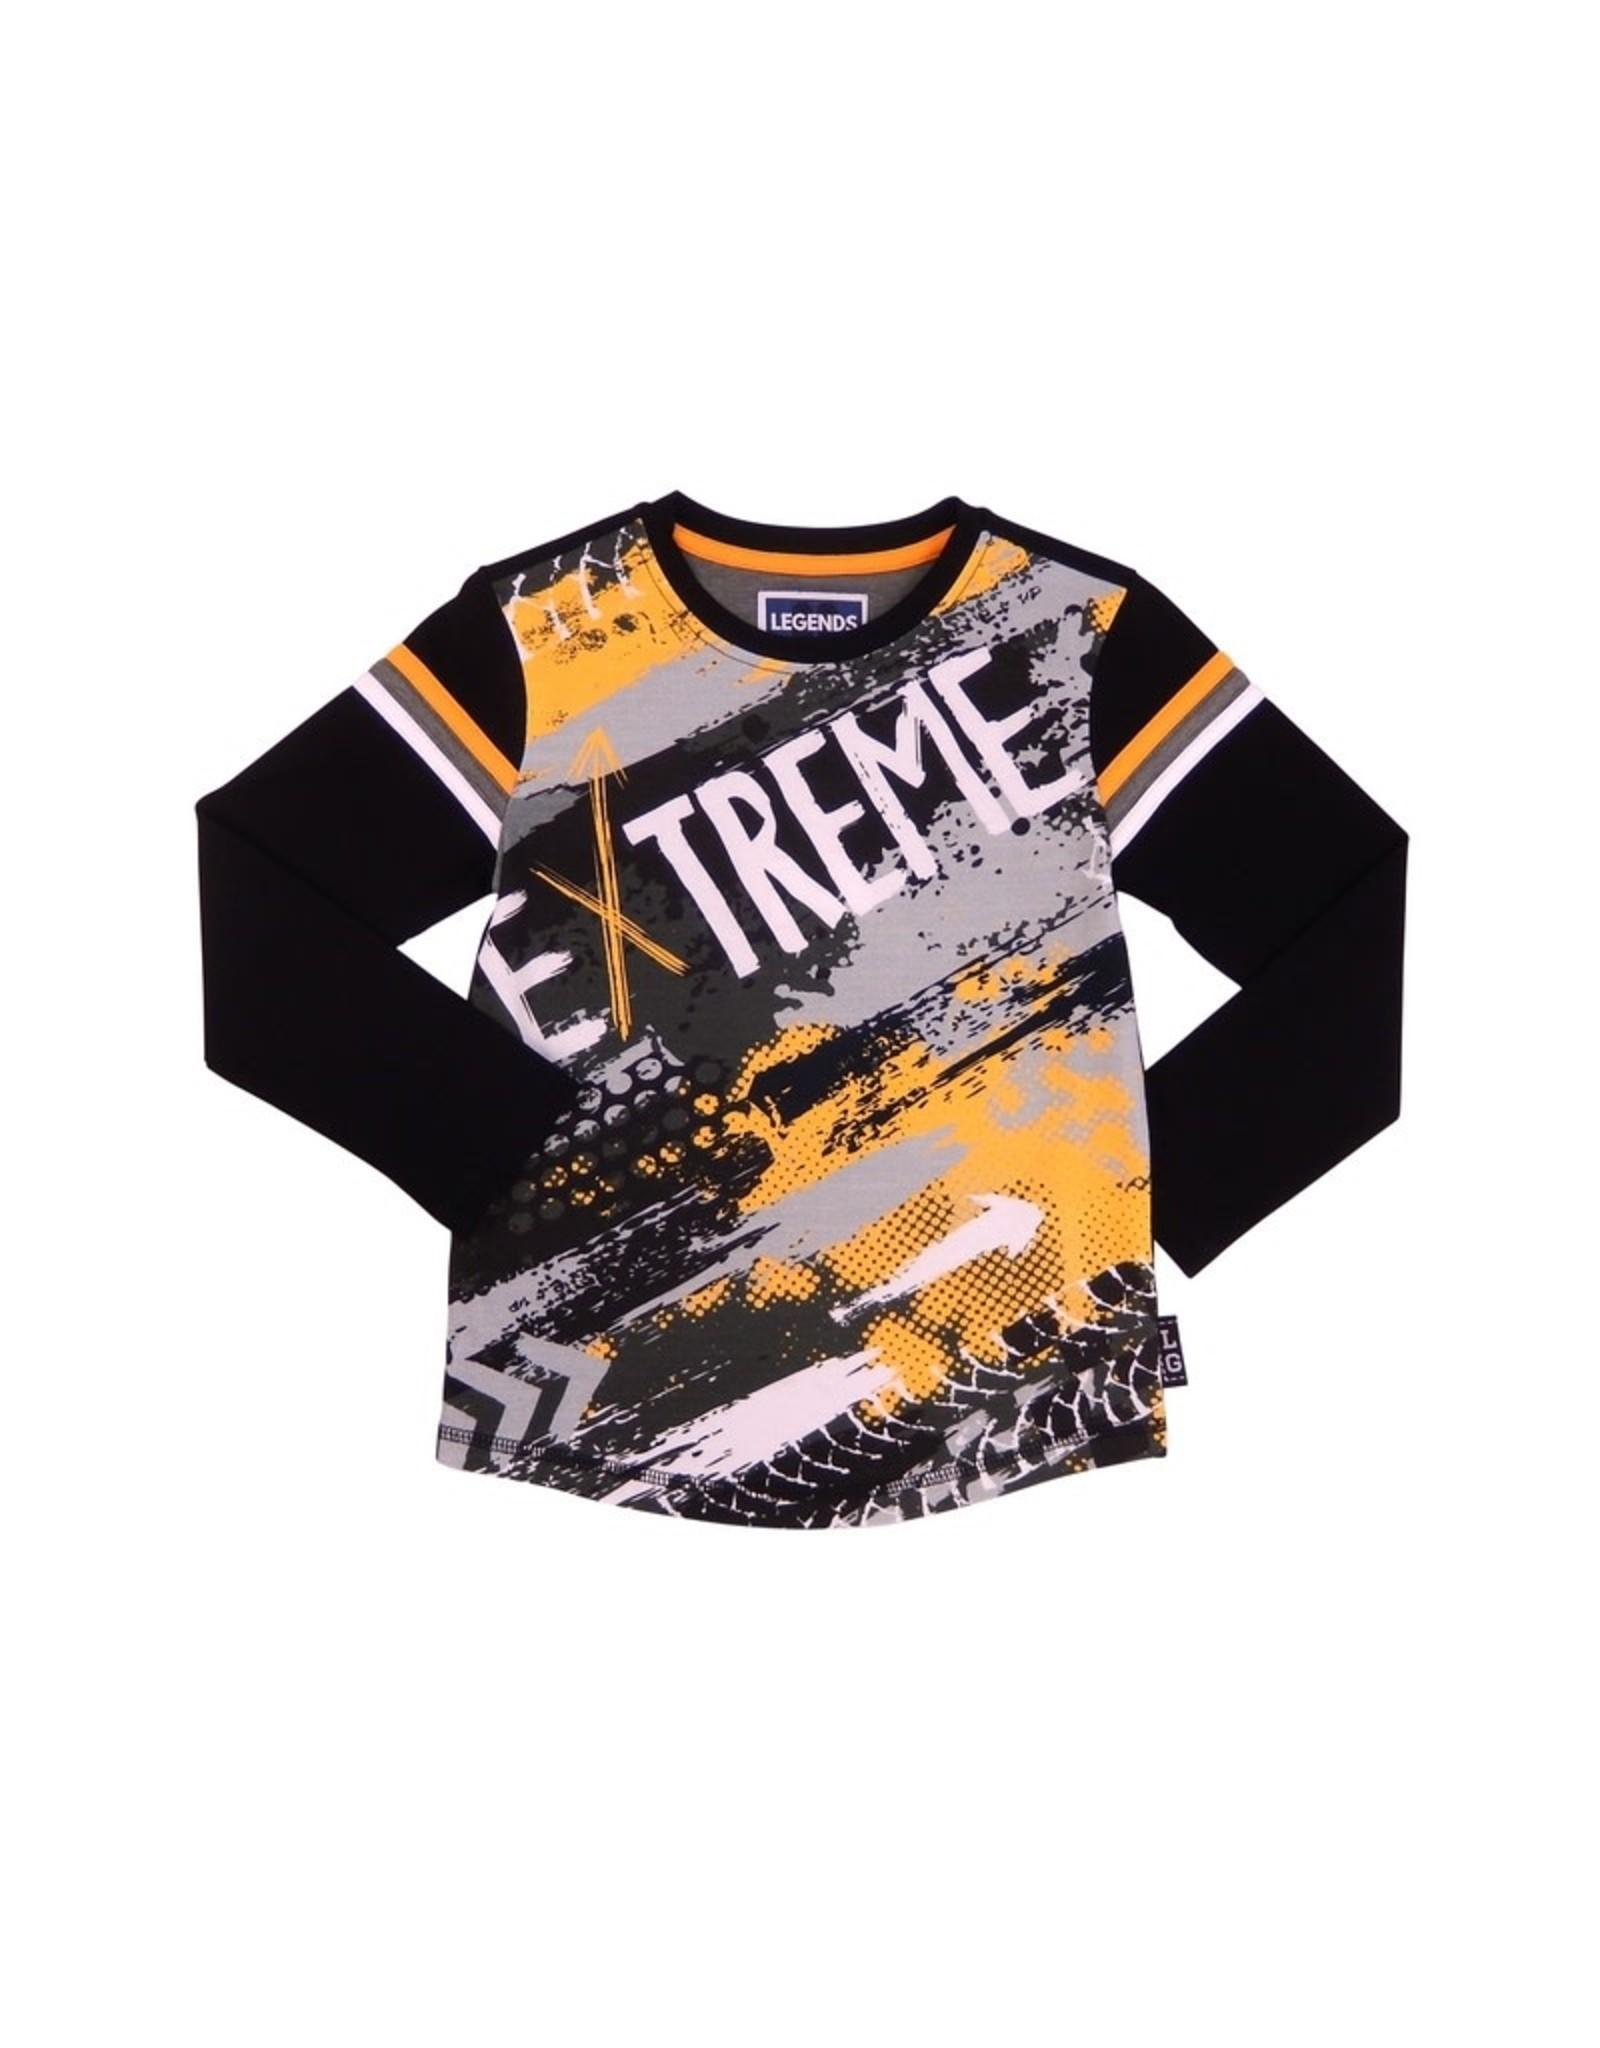 Legends22 Legends jongens shirt Carlos